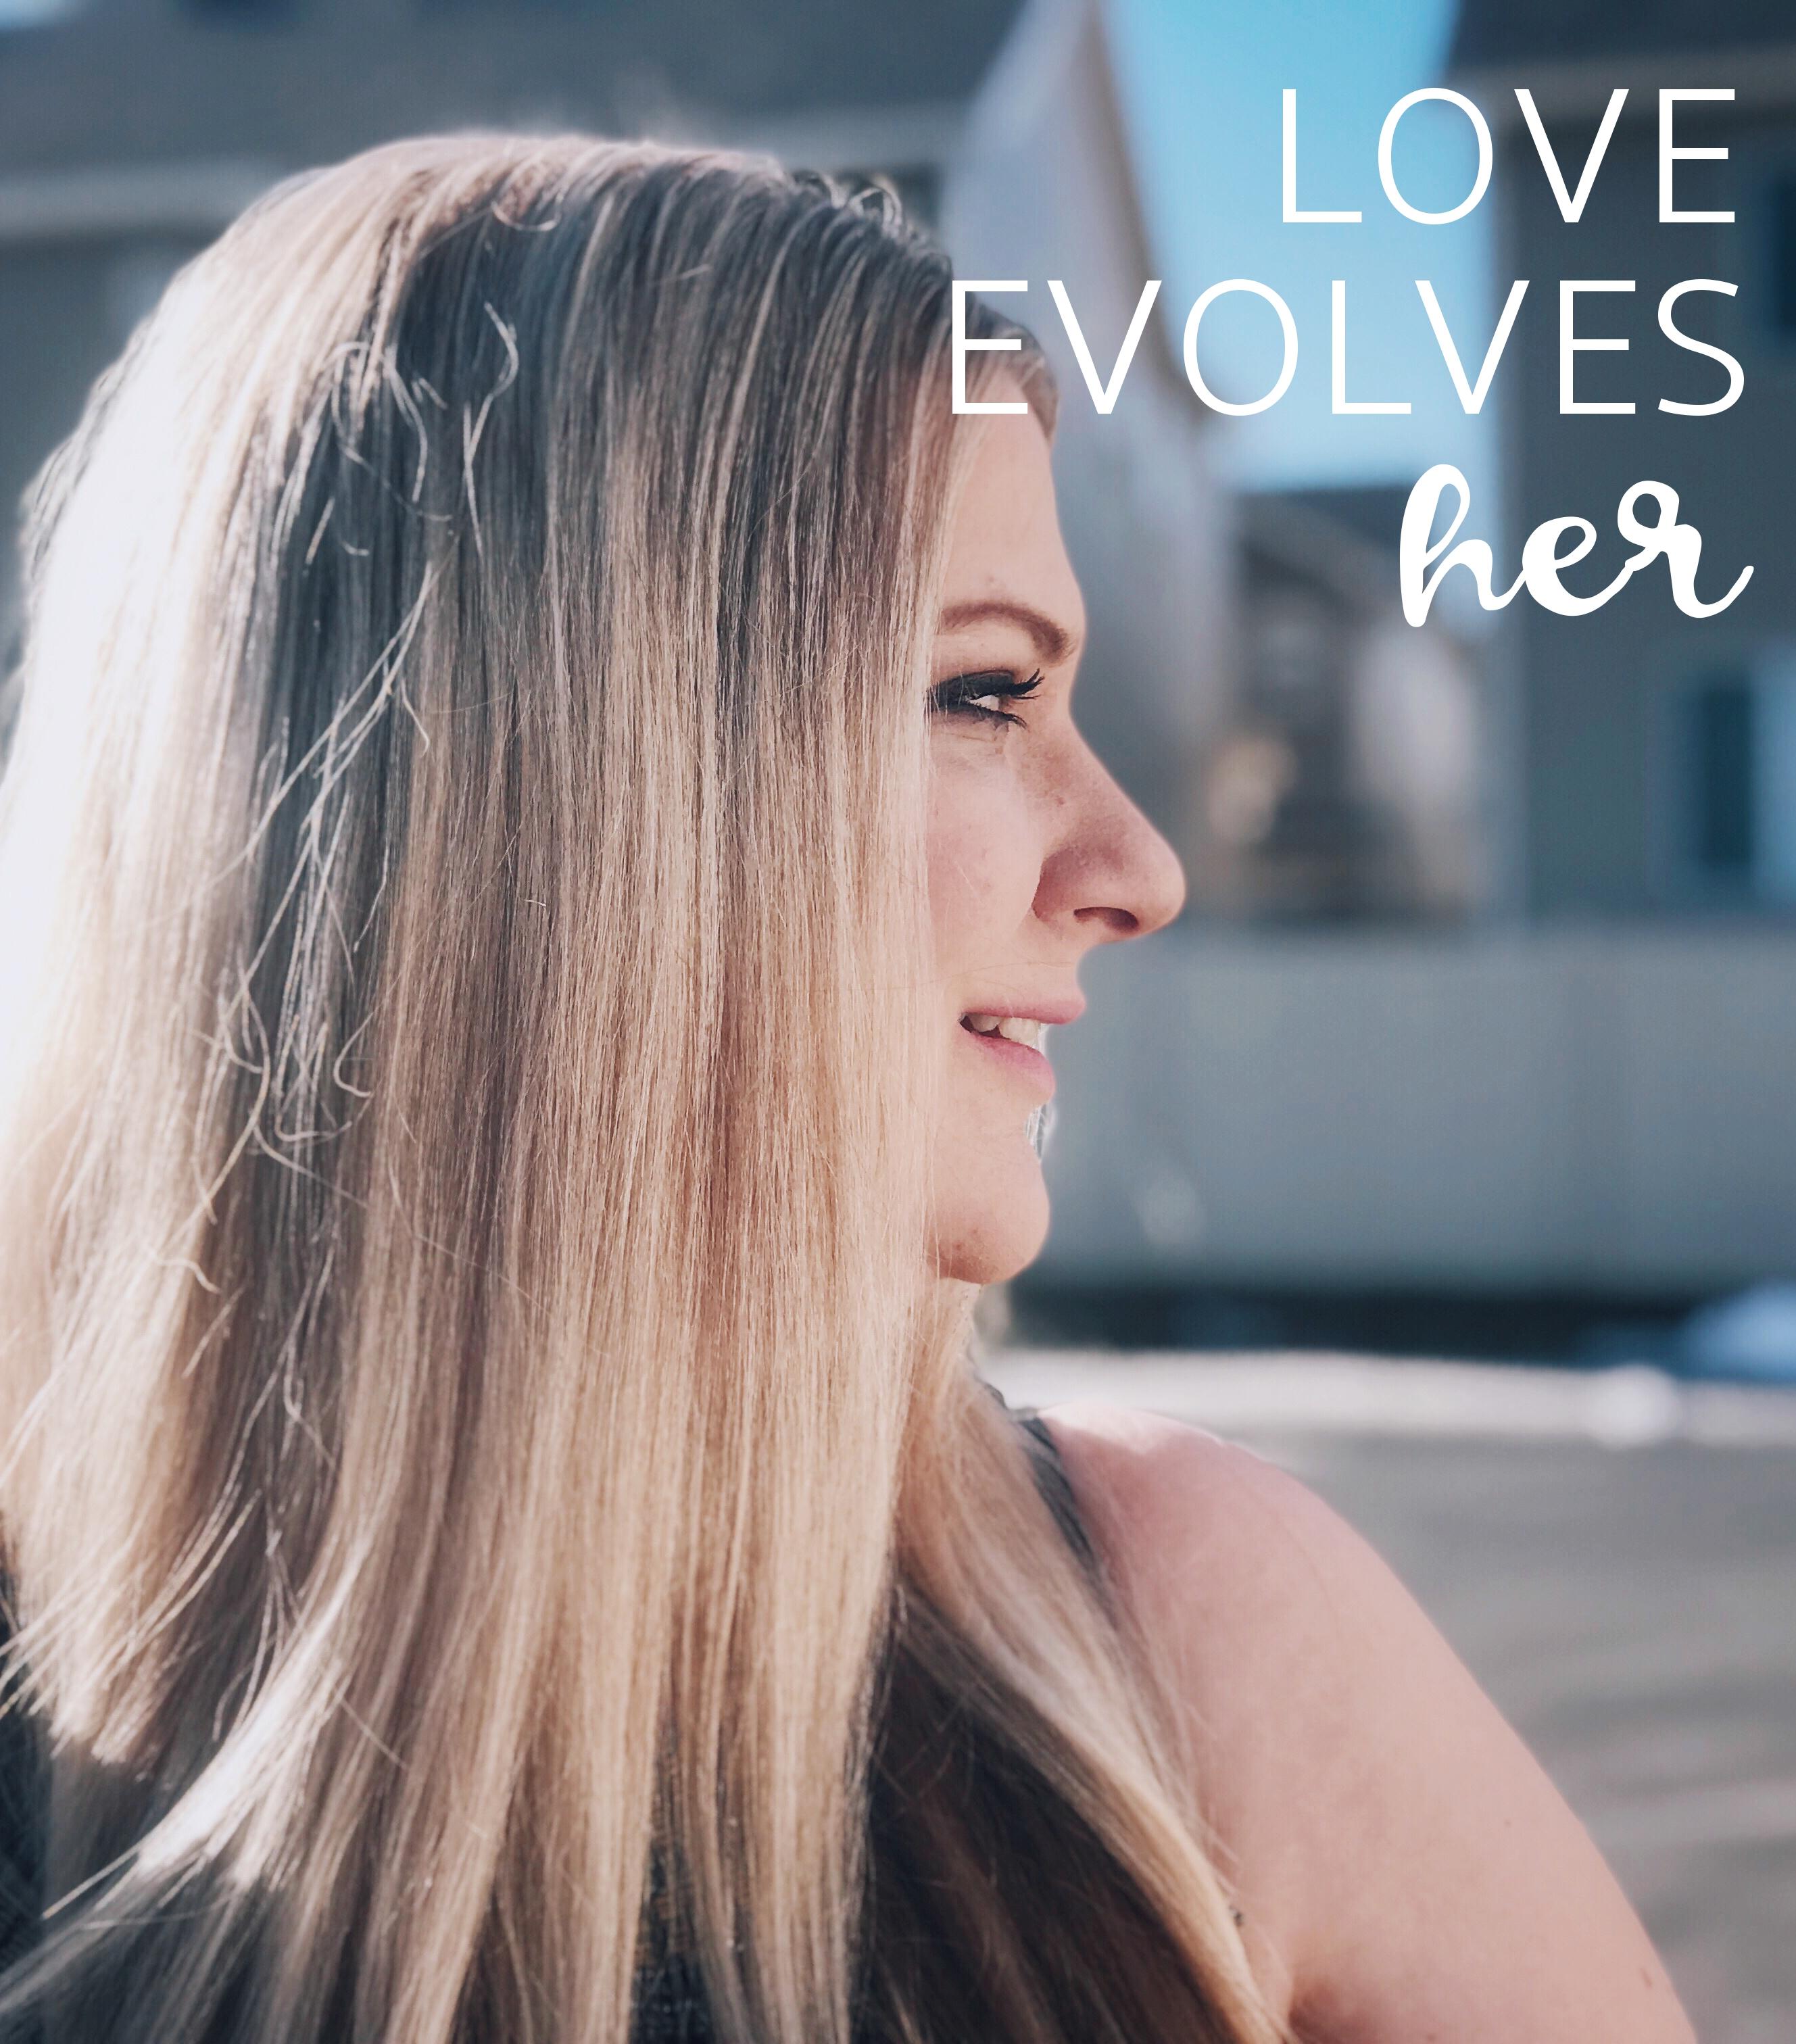 Love Evolves Her